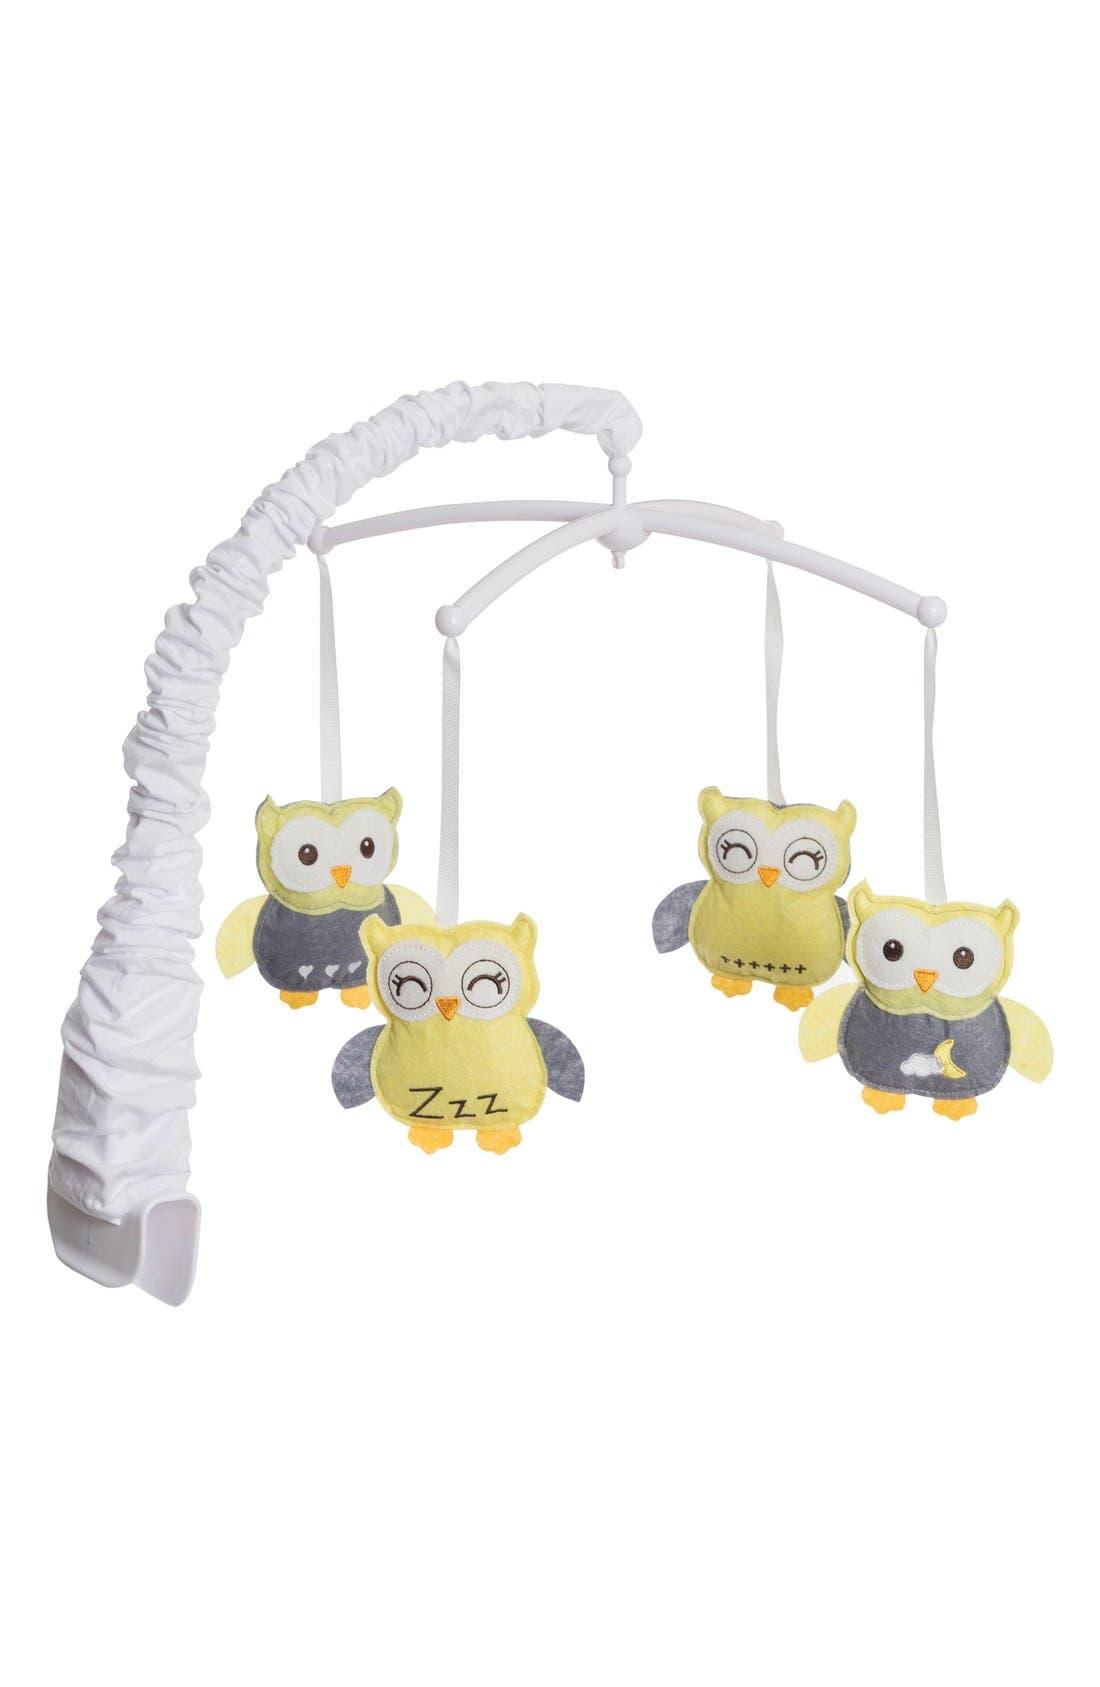 HALO<sup>®</sup> Innovations 'Sleepy Owl' Mobile,                         Main,                         color, Yellow